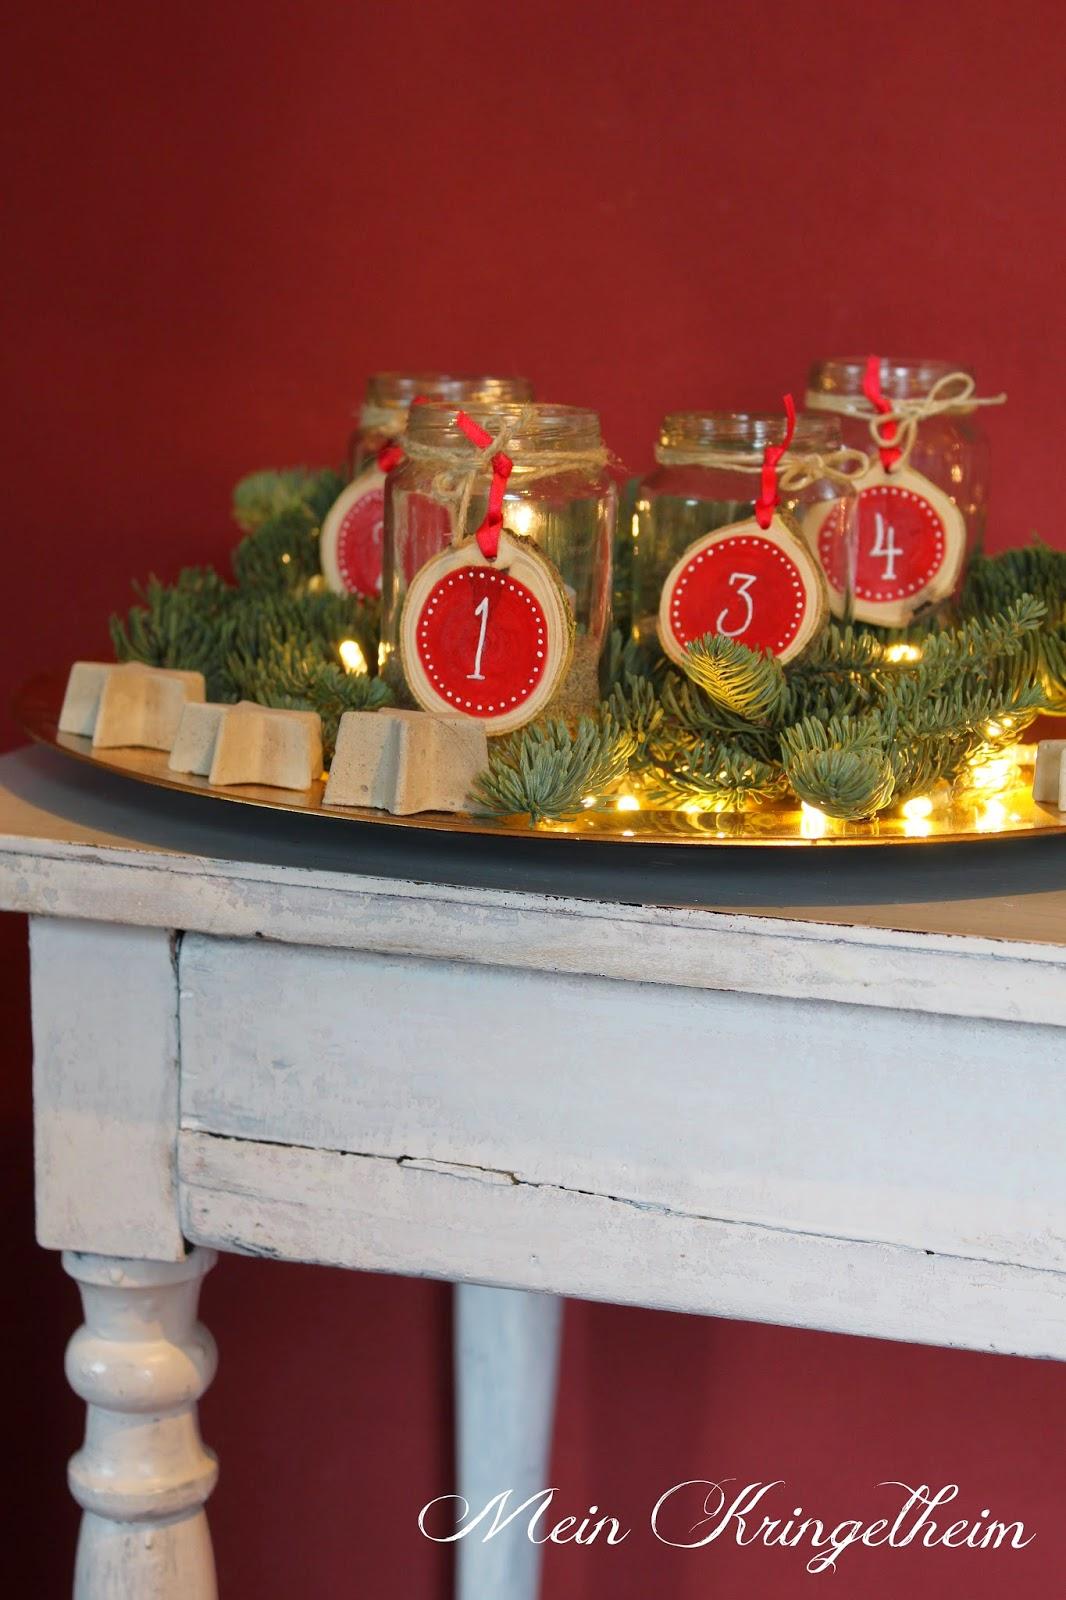 Mein kringelheim adventskranz oder eher advents gl ser teller - Glaser dekorieren mit sand ...